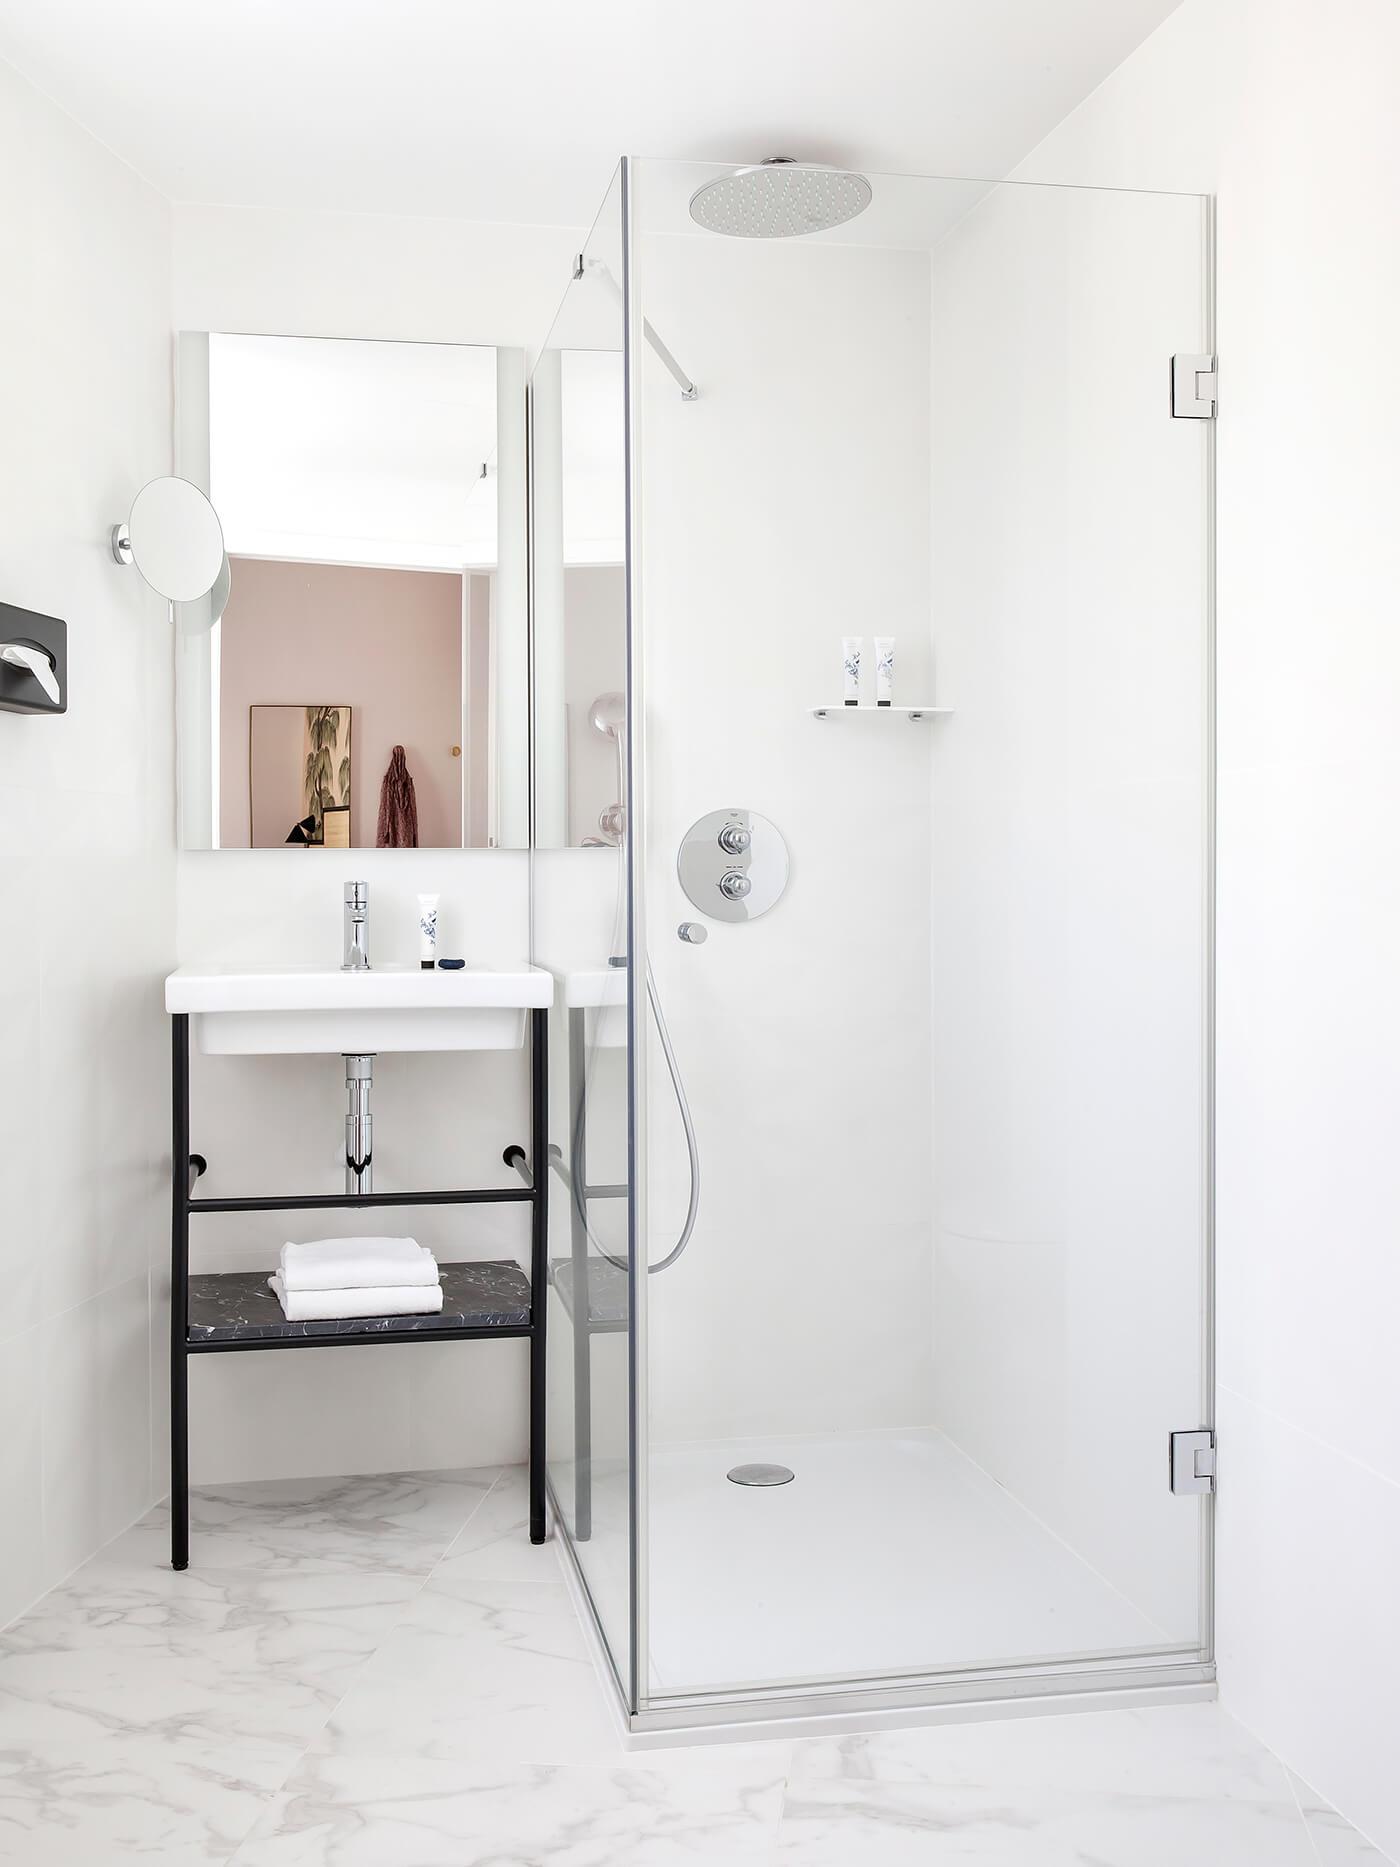 Sol en marbre dans la salle de bain